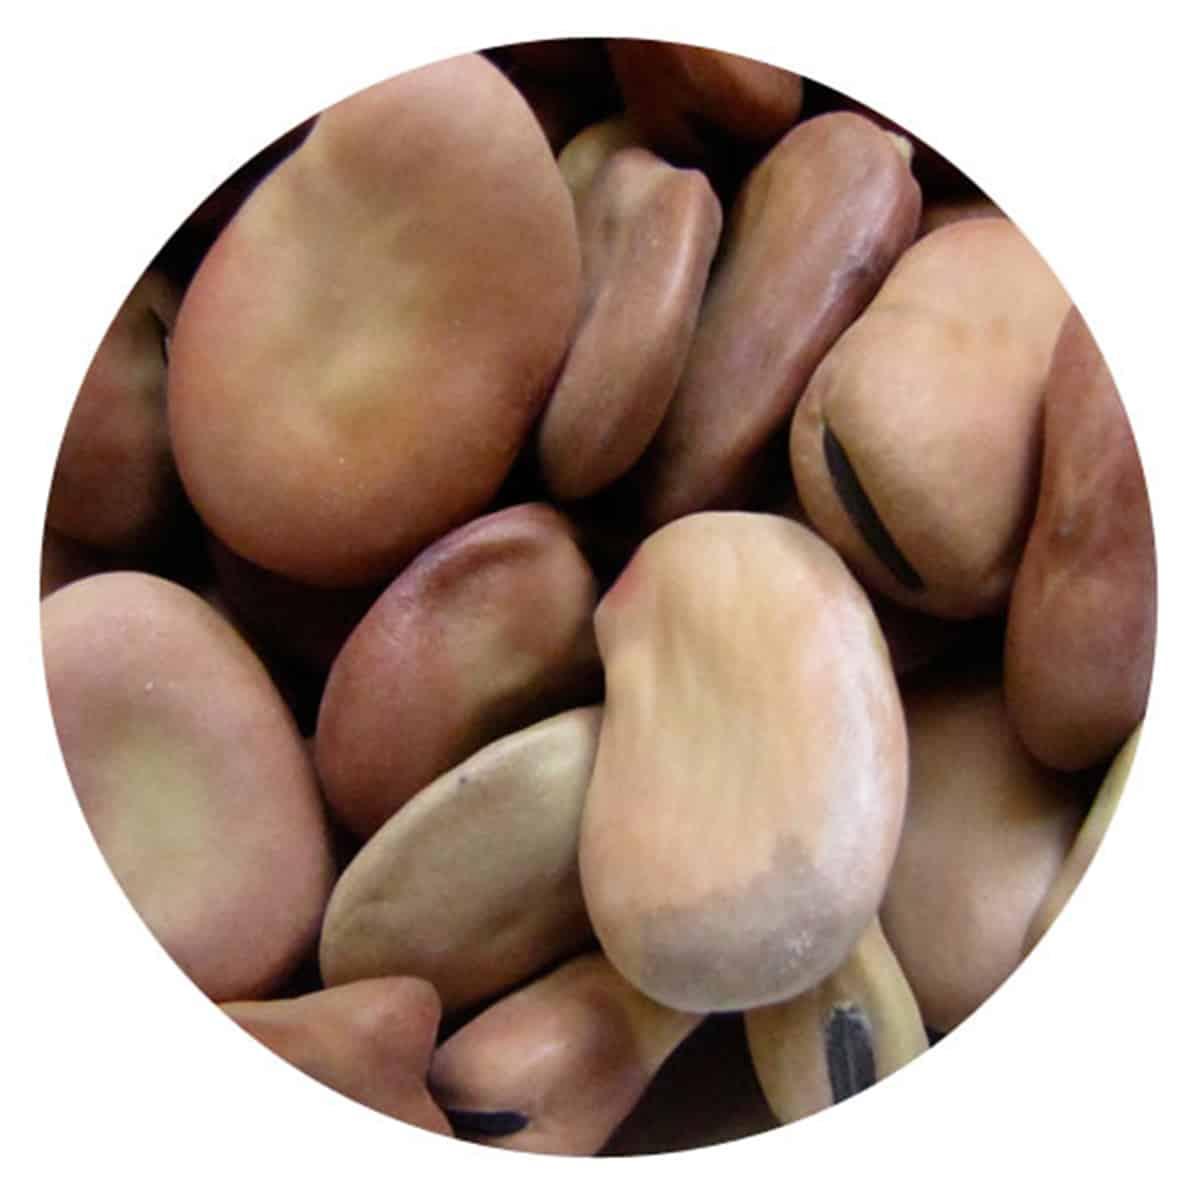 Buy IAG Foods Dried Broad Beans - 1 kg